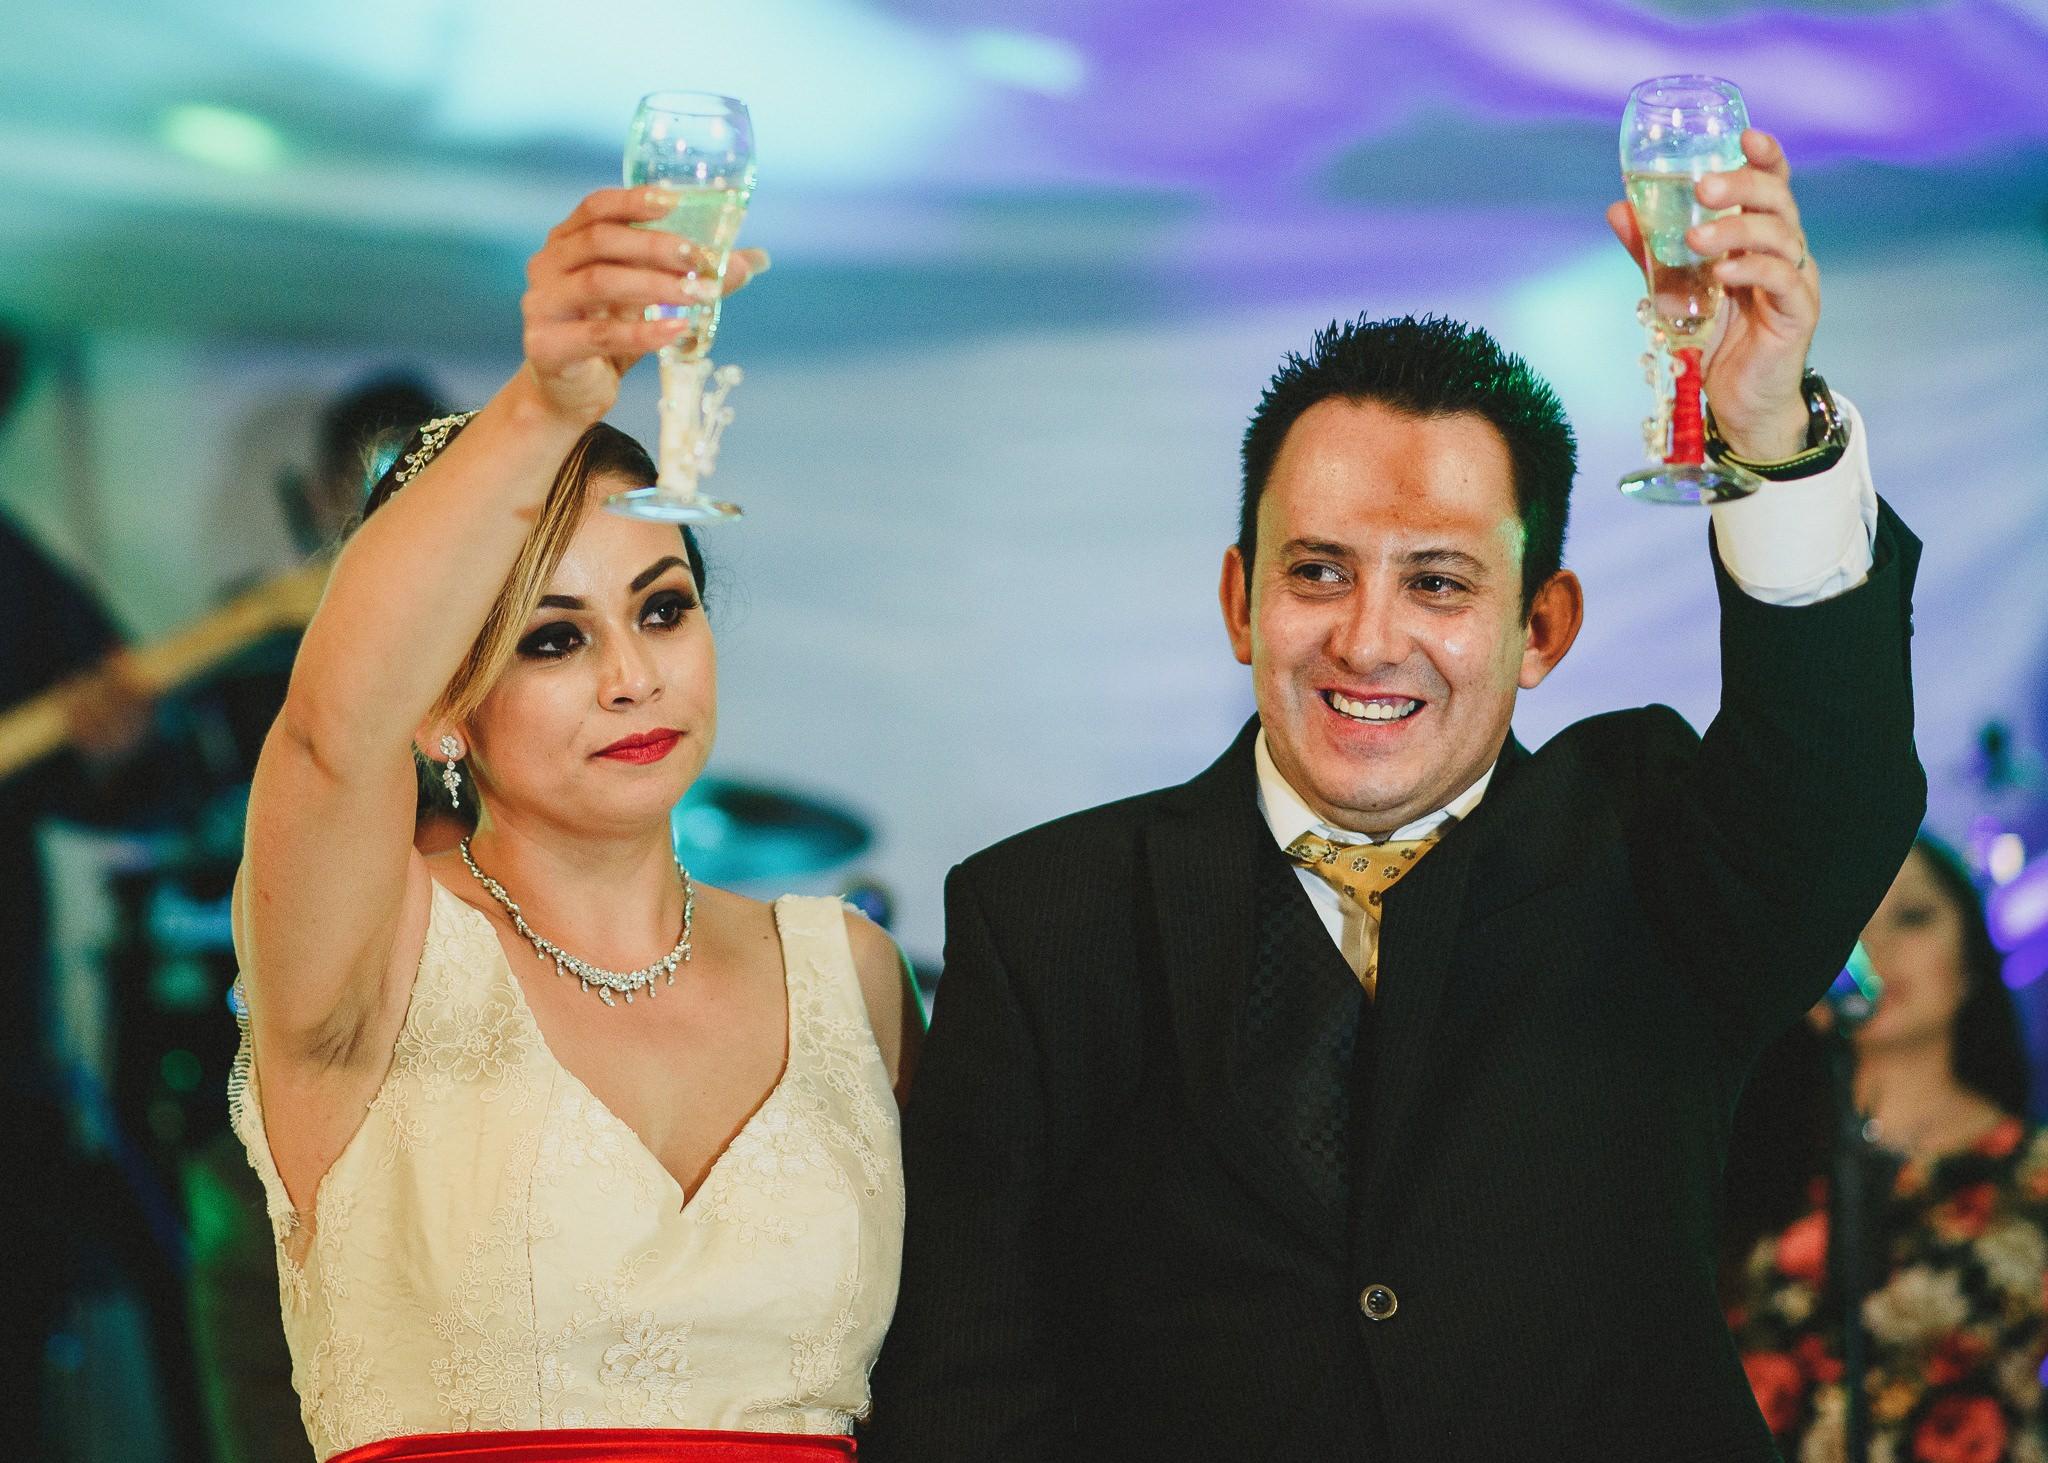 03boda-en-jardin-wedding-hacienda-los-cuartos-fotografo-luis-houdin121